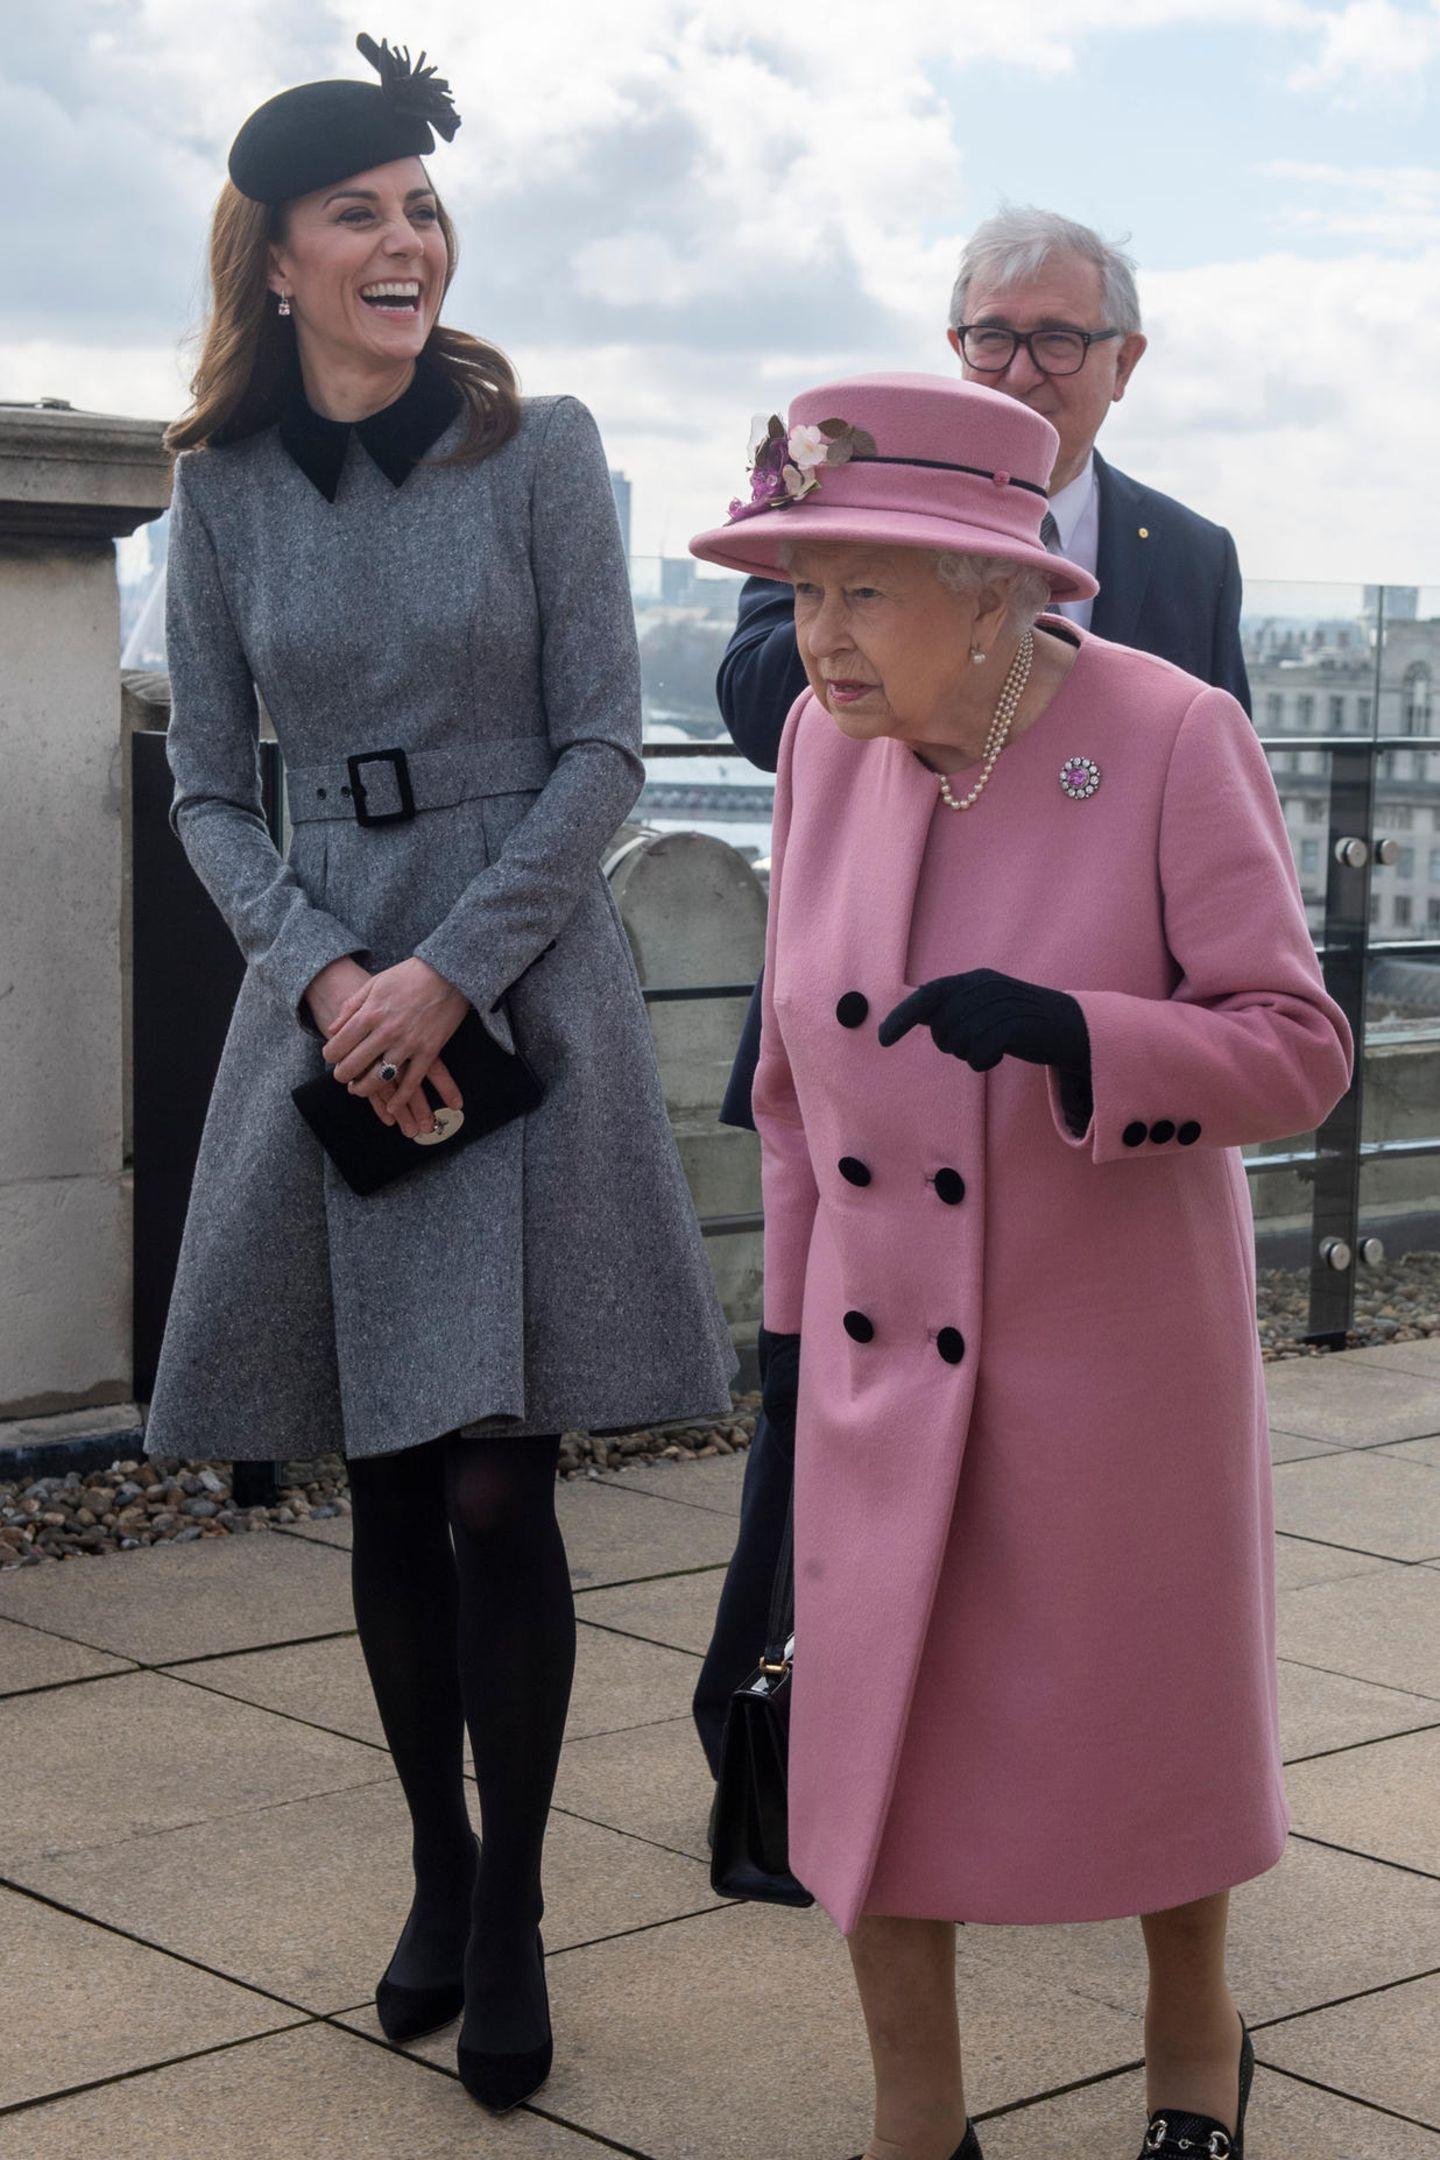 ... die englische Königin trug den hübschen Mantel ebenfalls in Kombination mit Perlenschmuck - allerdings mit einer anderen Brosche - als sie und Herzogin Kate 2019 eine Bildungs- und Lerneinrichtungen besuchten. Das Event fand ebenfalls bei kühlen Temperaturenim März statt. Ob Frühling oder Herbst: Der stylishe Mantel mit schwarzen Knöpfenscheint ein begehrter Allwetter-Look der Queen zu sein.